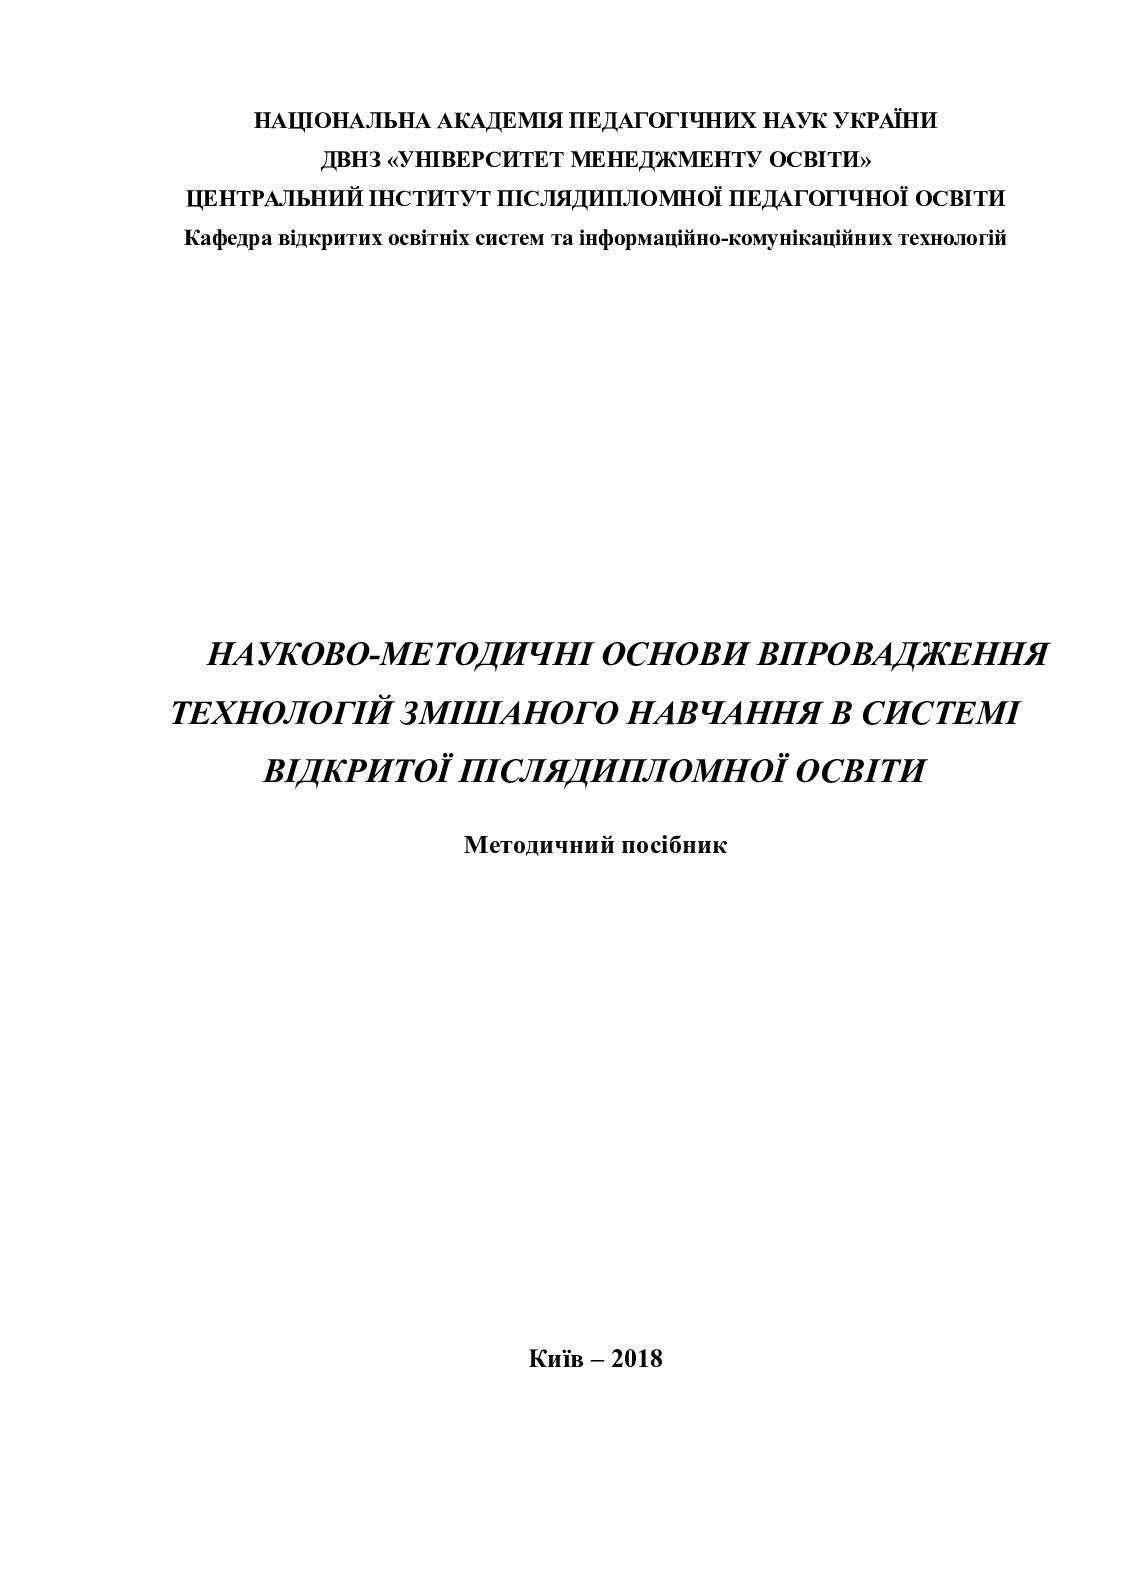 Calaméo - НАУКОВО-МЕТОДИЧНІ ОСНОВИ ВПРОВАДЖЕННЯ ТЕХНОЛОГІЙ ЗМІШАНОГО  НАВЧАННЯ В СИСТЕМІ ВІДКРИТОЇ ПІСЛЯДИПЛОМНОЇ ОСВІТИ fe1556a0b014a